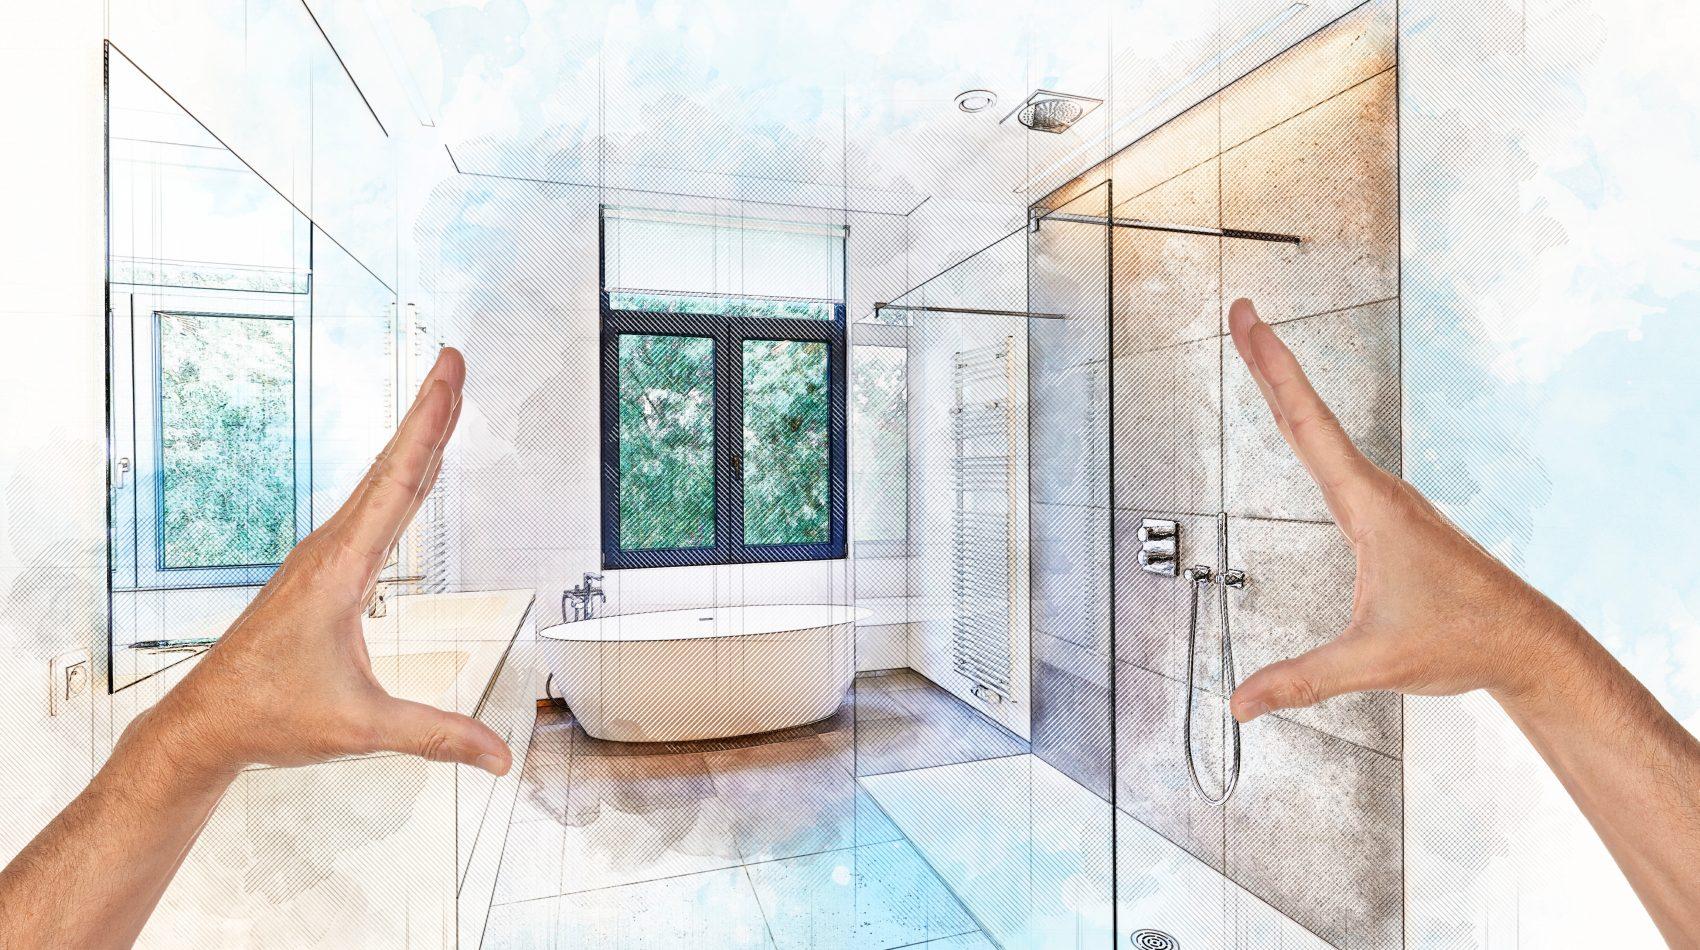 Comment faire paraître une petite salle de bain plus grande ...